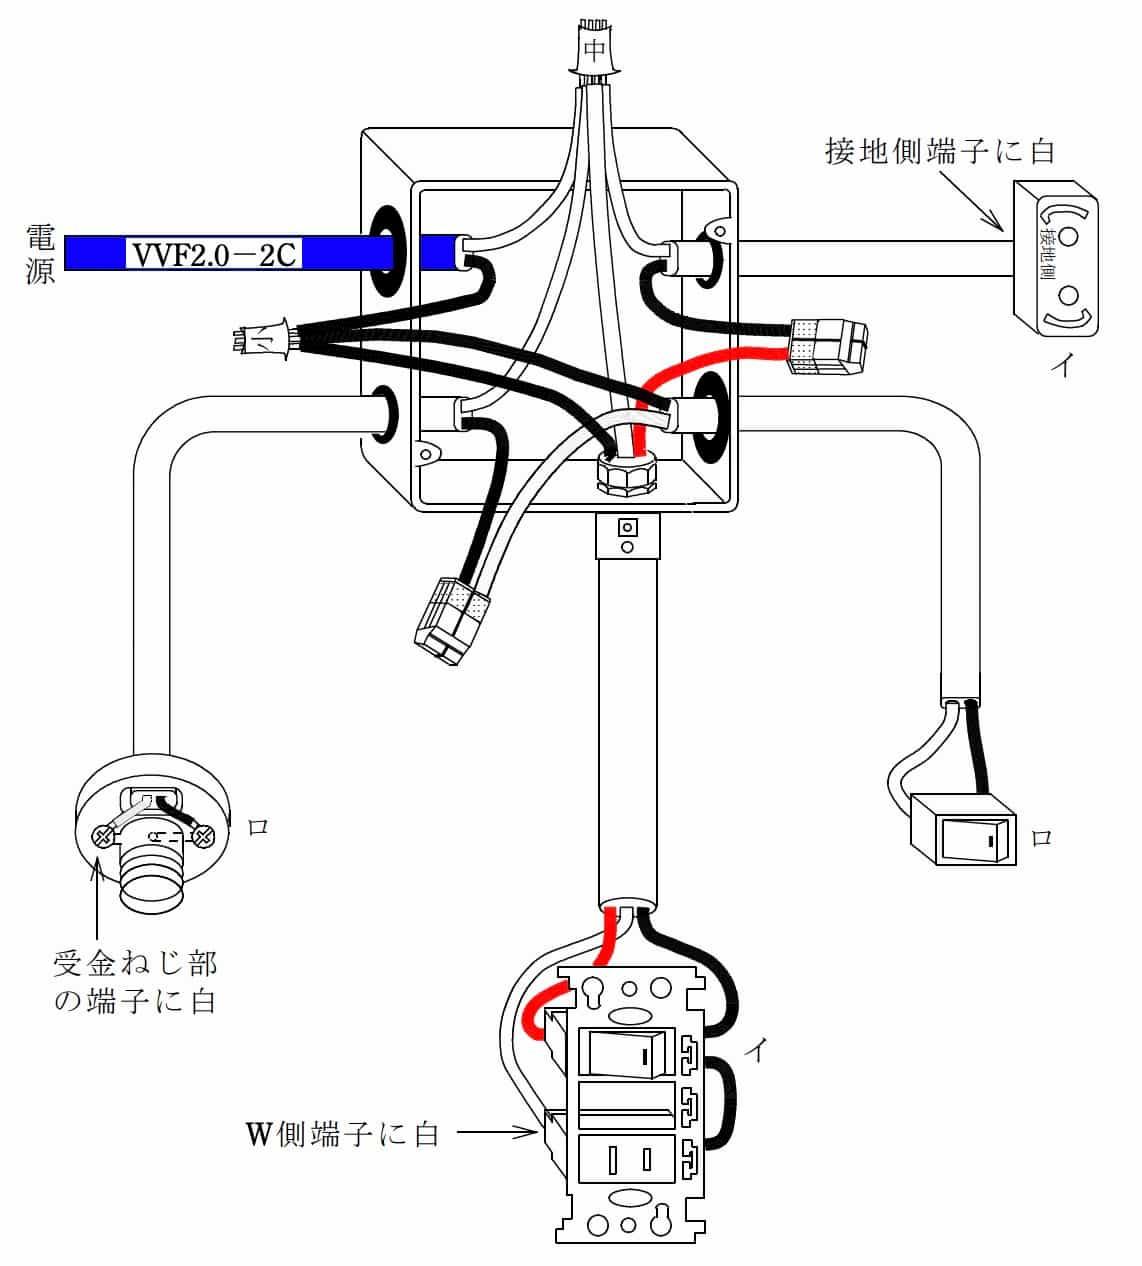 第二種電気工事士の技能試験の試験問題No.11の概念図